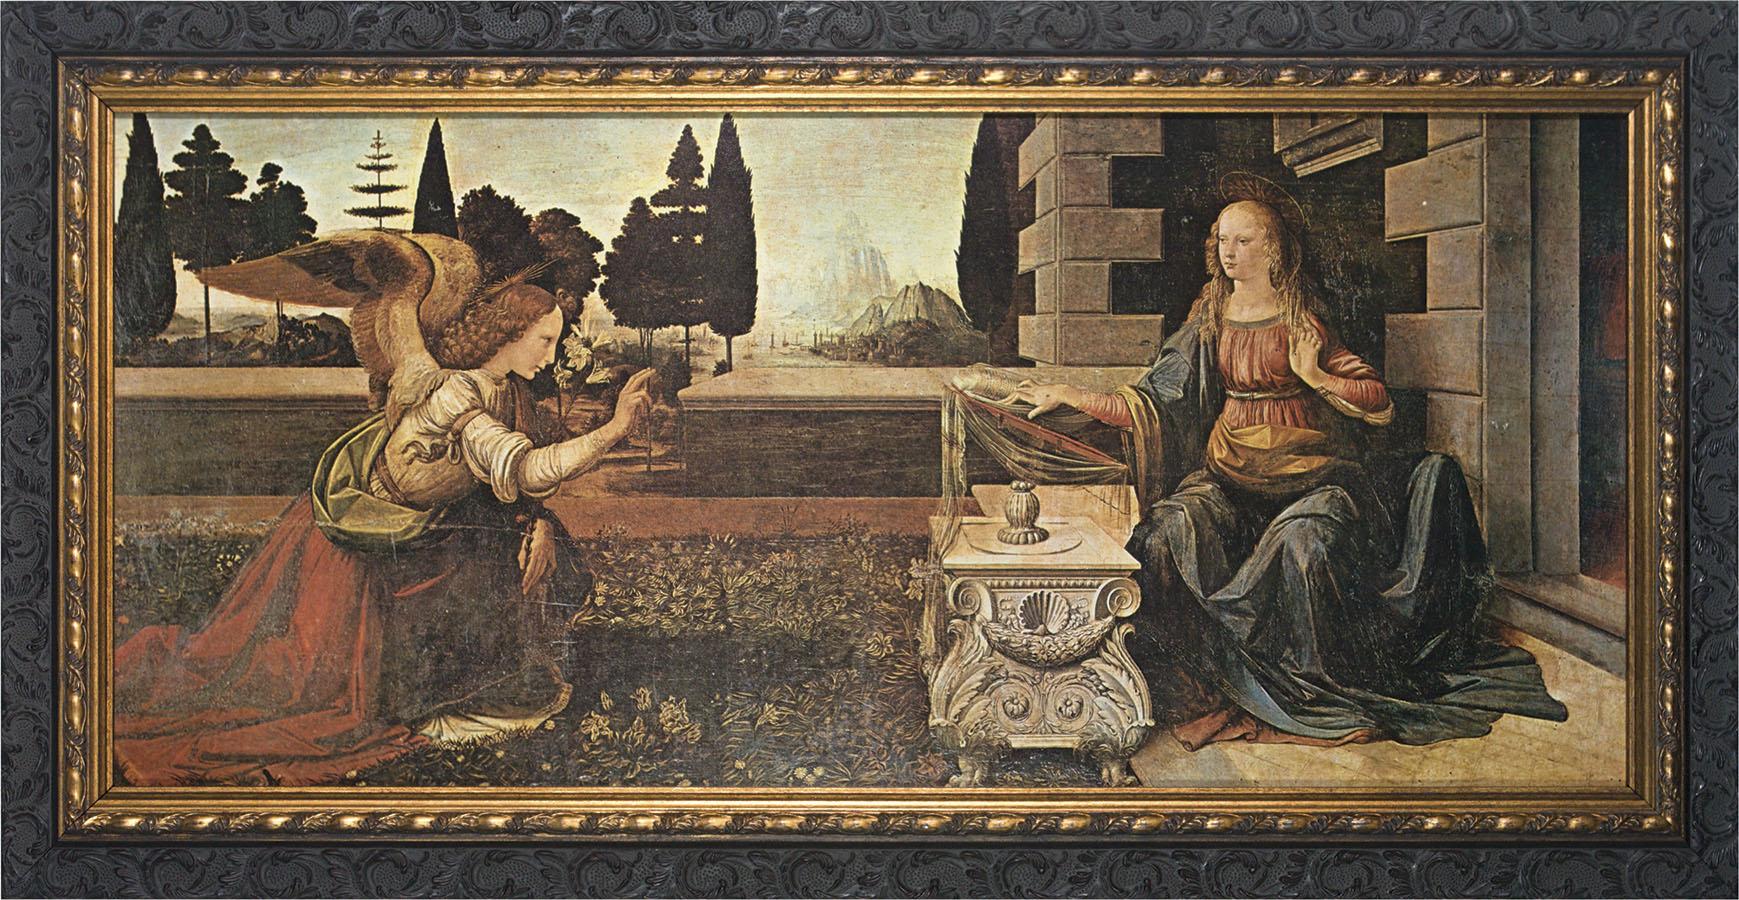 Леонардо да Винчи, 1472-1475 годы, картина «Благовещение»